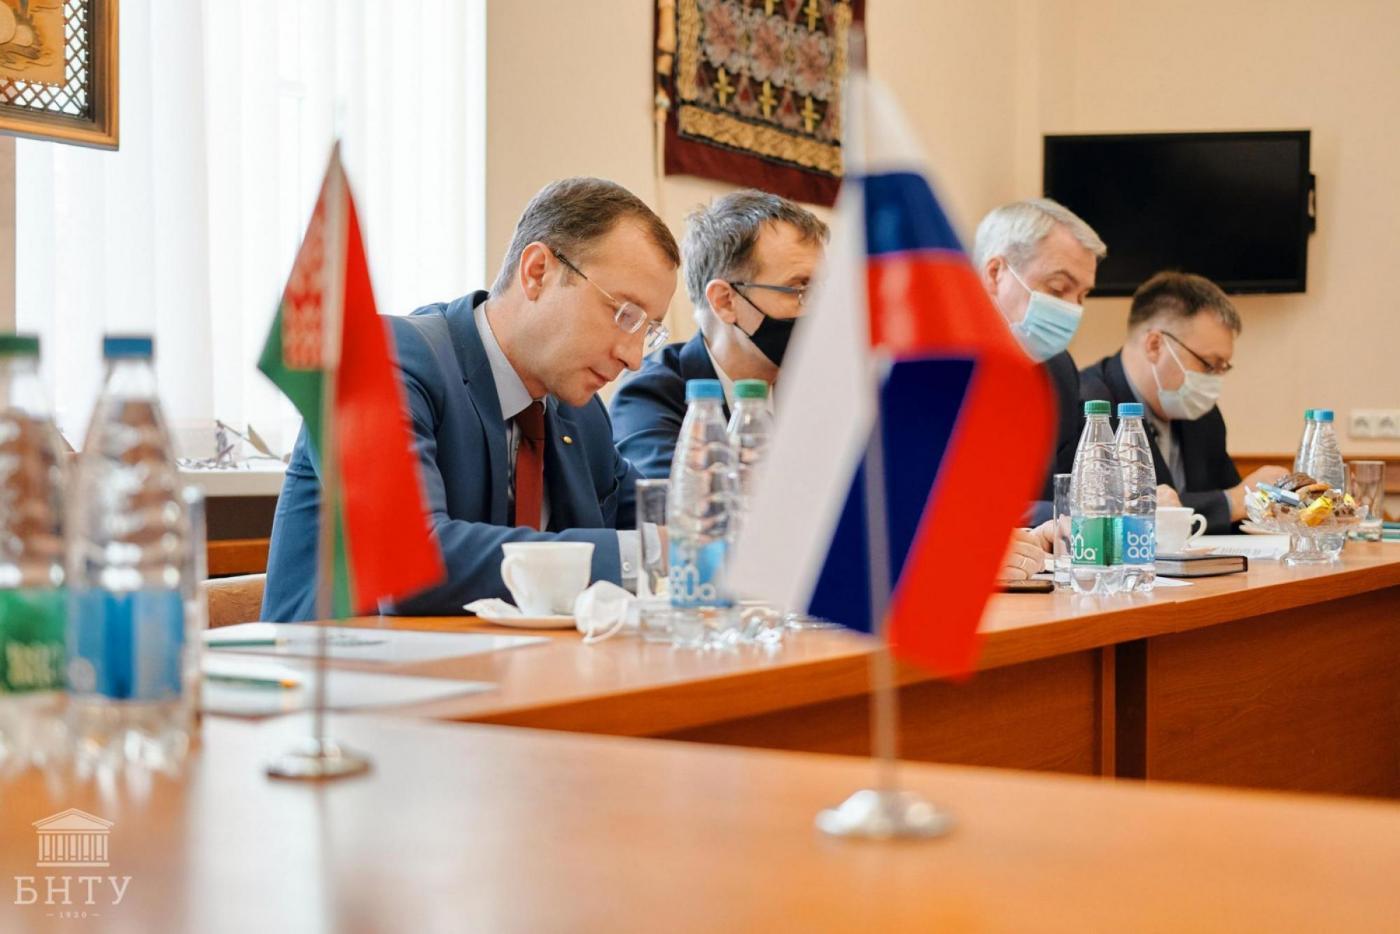 БНТУ и КНИТУ-КАИ обсудили реализацию новых совместных проектов